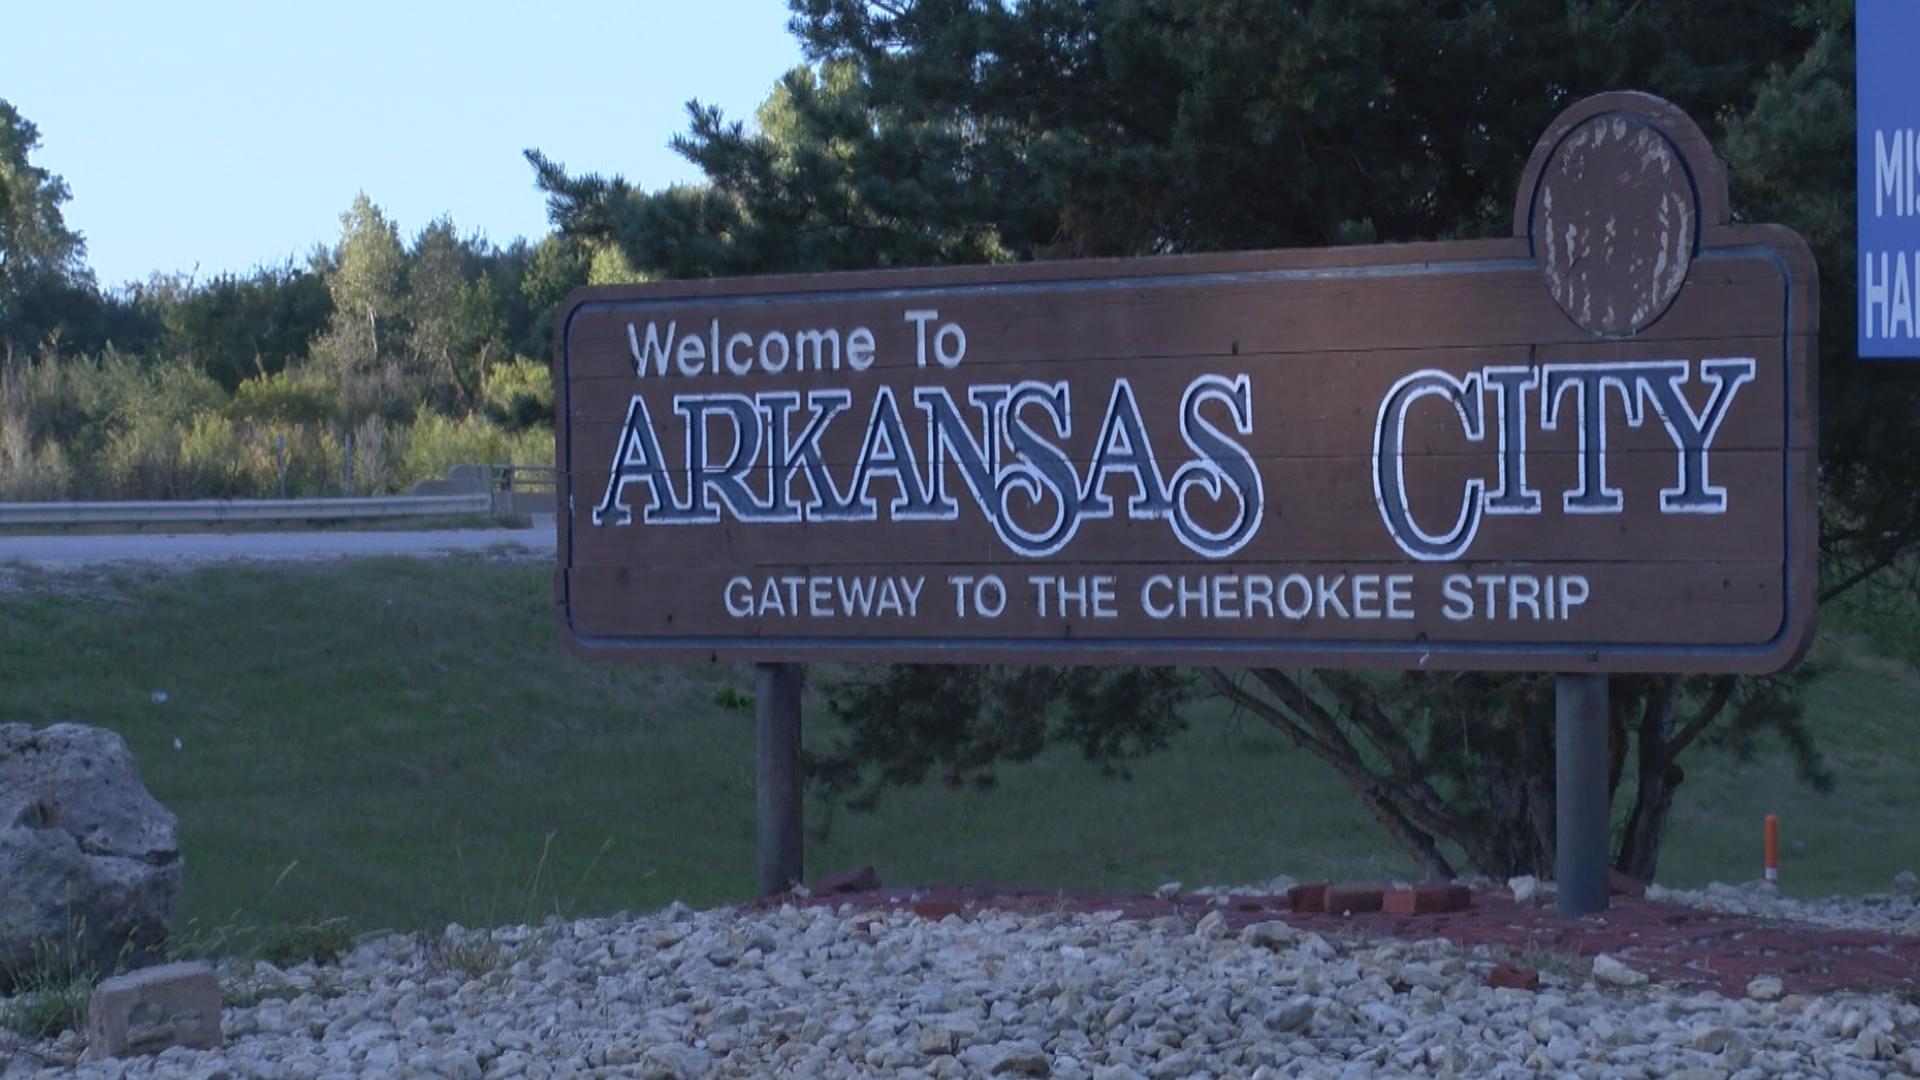 Arkansas City.jpg